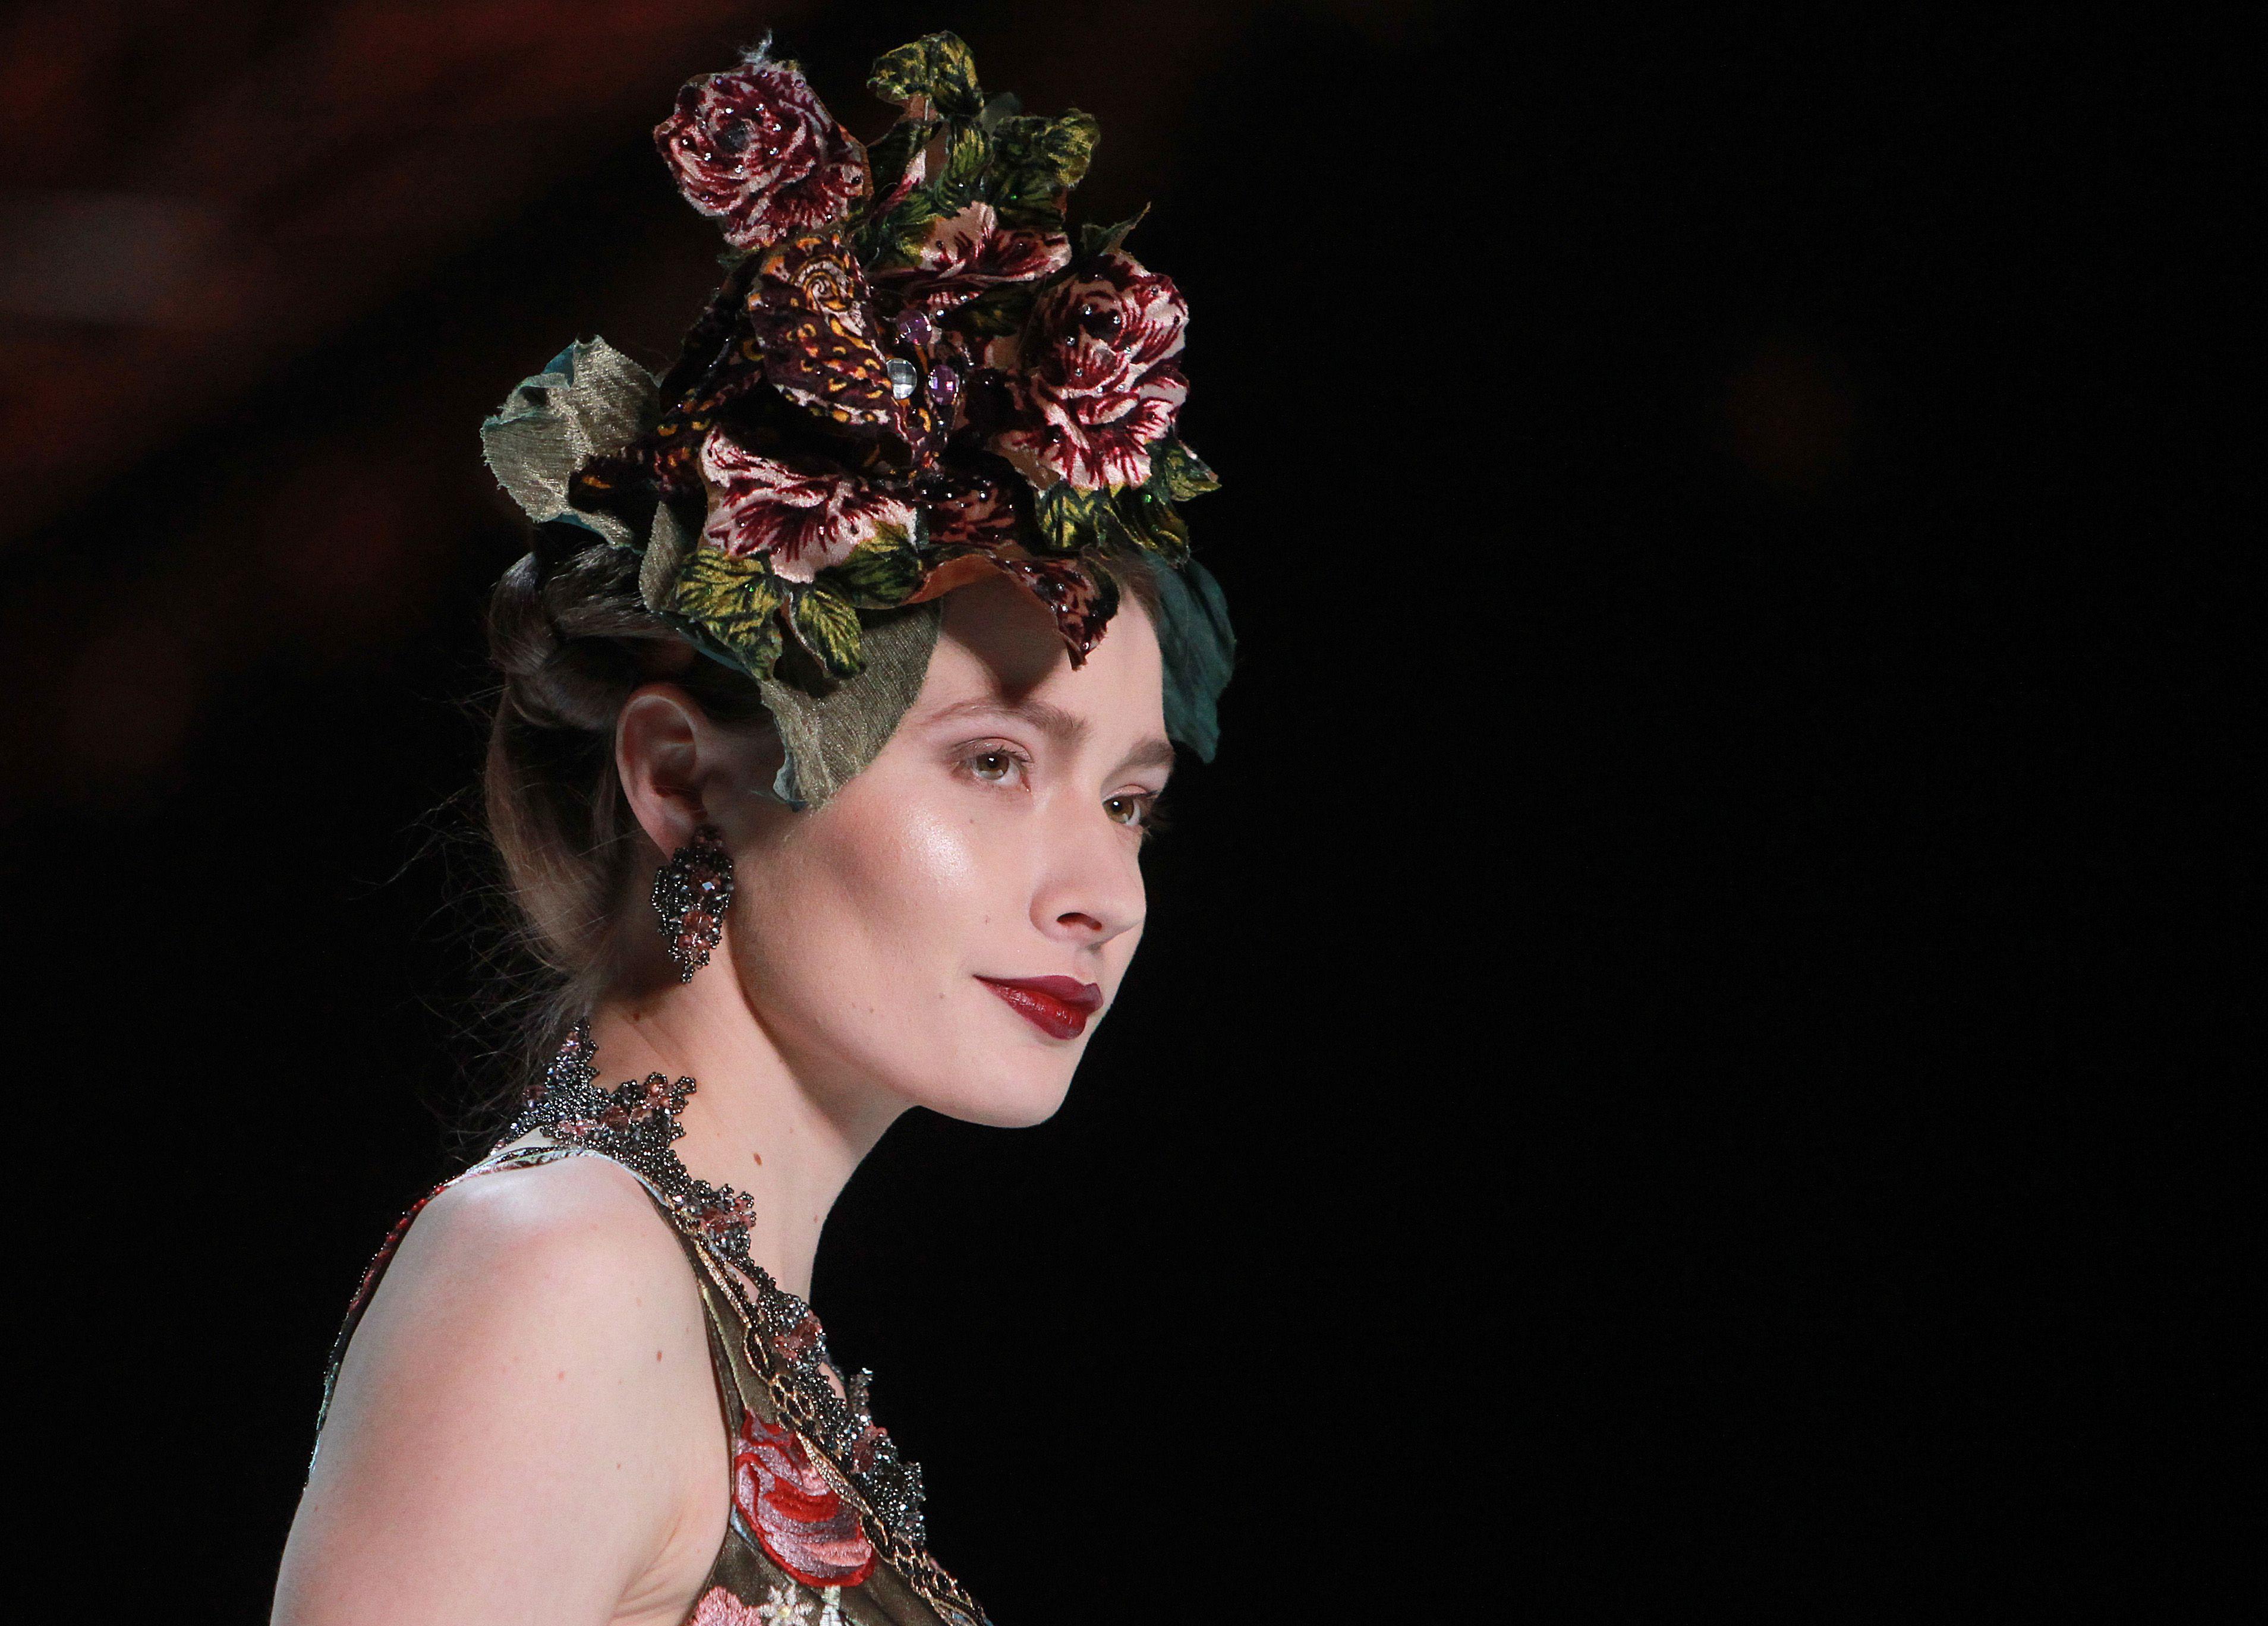 Московское Правительство поддержит дизайнеров на Неделе моды в Париже